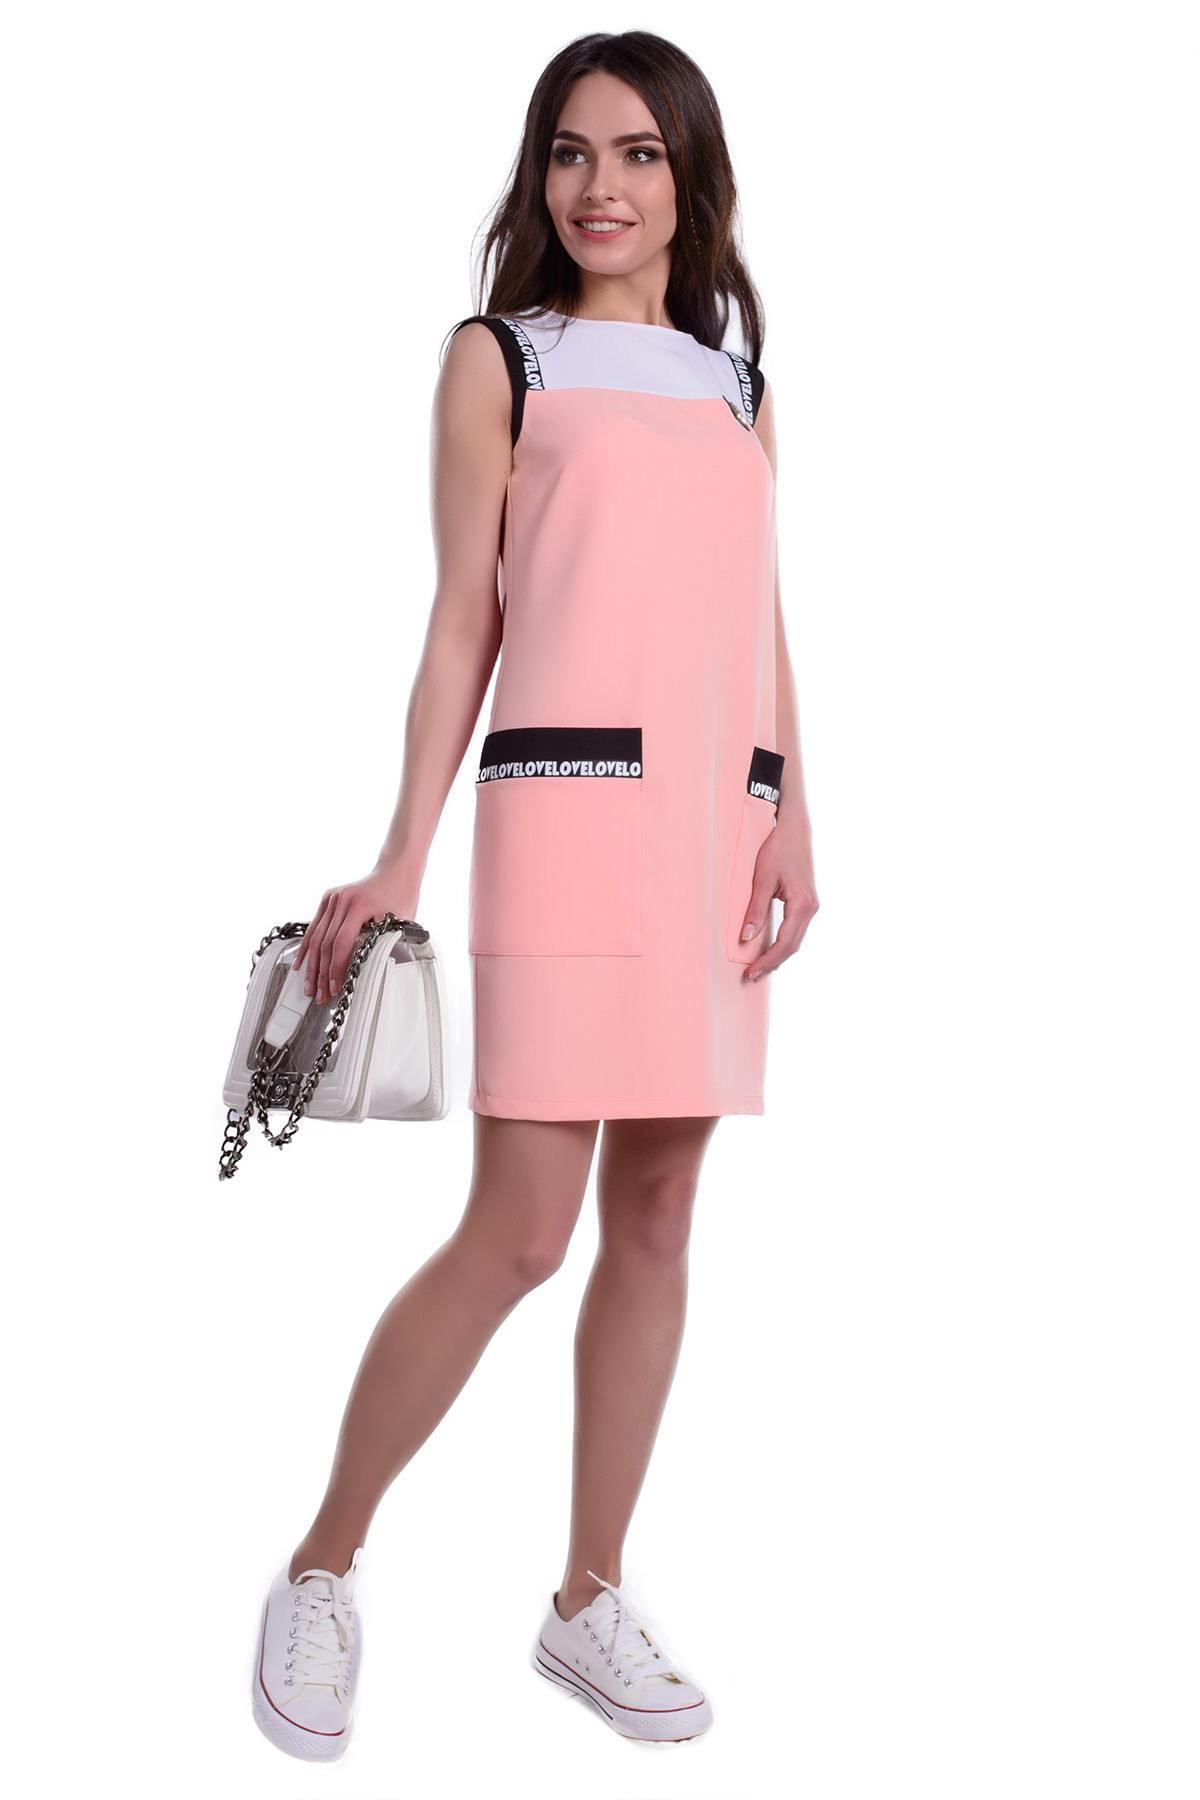 Каталог Магазинов Женской Одежды Доставка